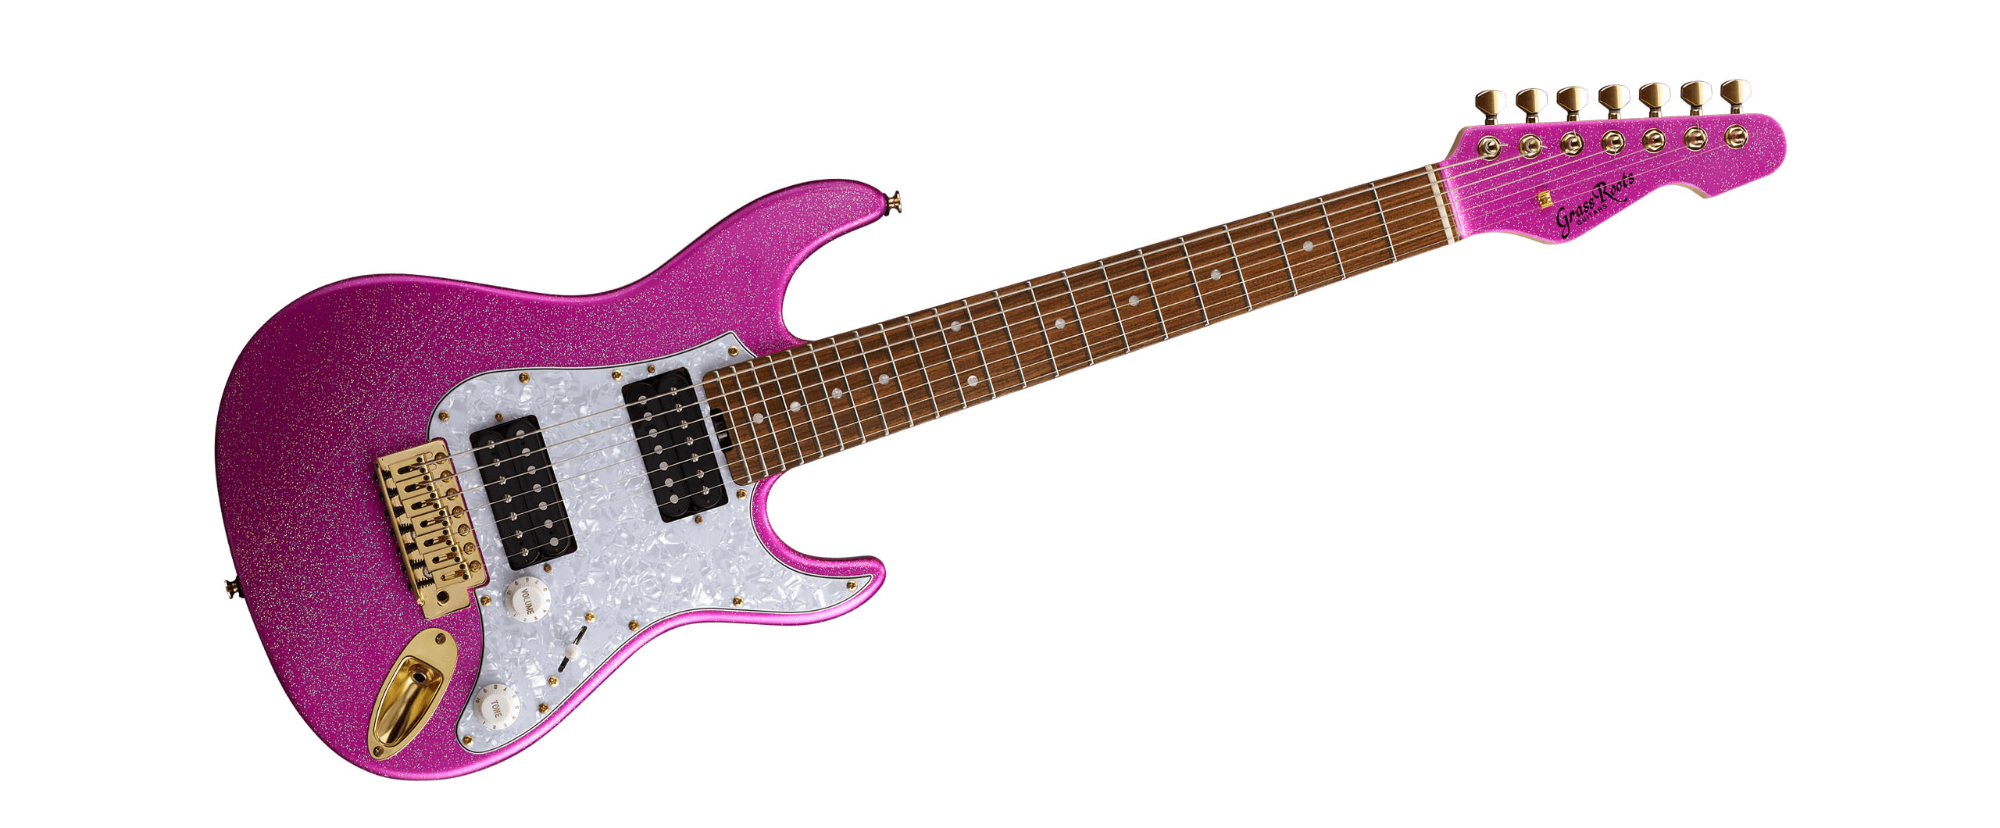 大村孝佳プロデュースによる7弦ミニ・ギターがGrassRootsより発売